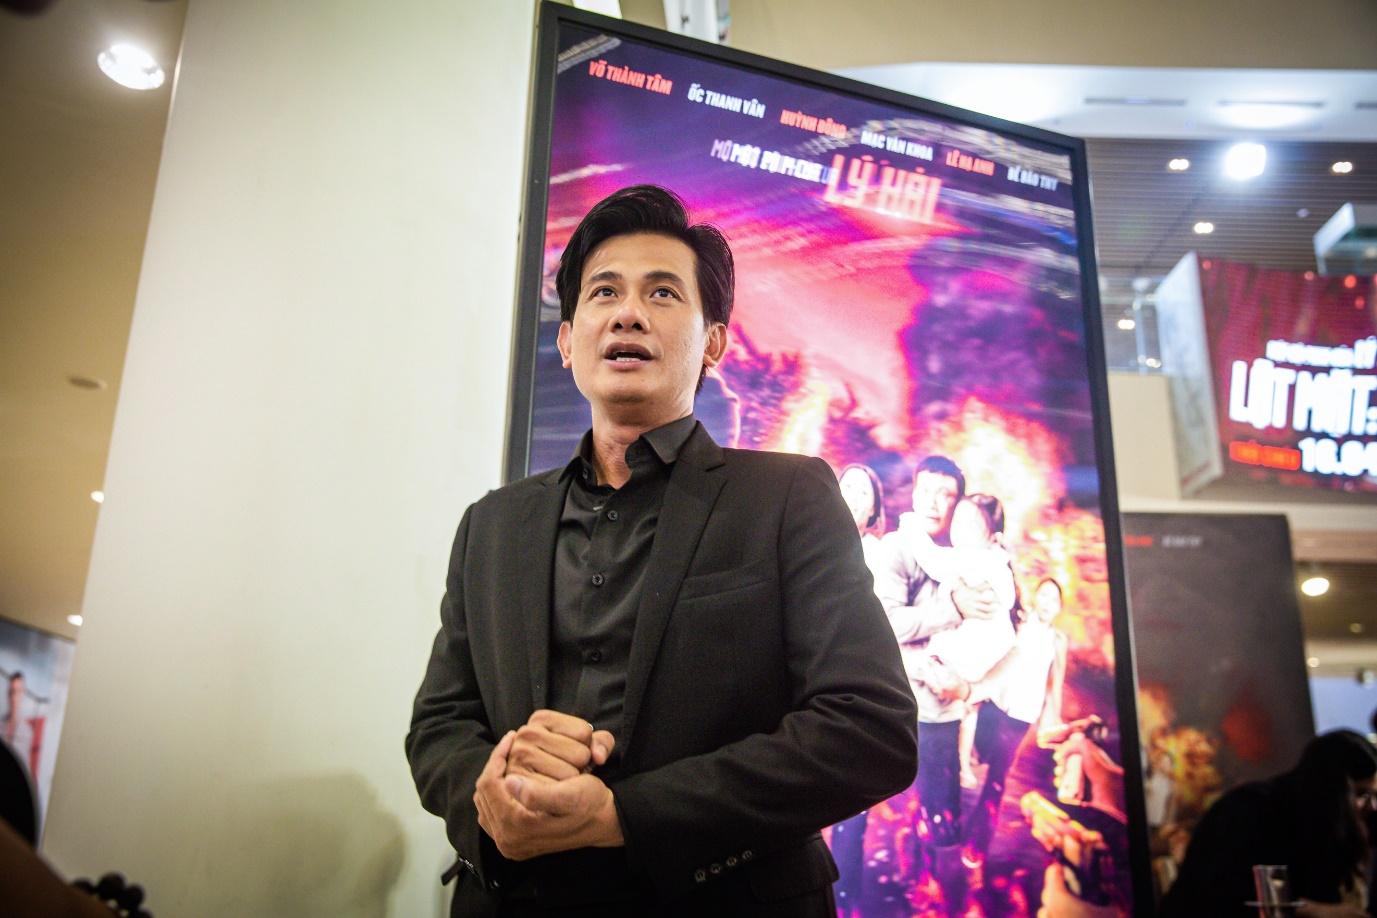 Nam chính Võ Thành Tâm hết lòng khen ngợi poster phim lần này.